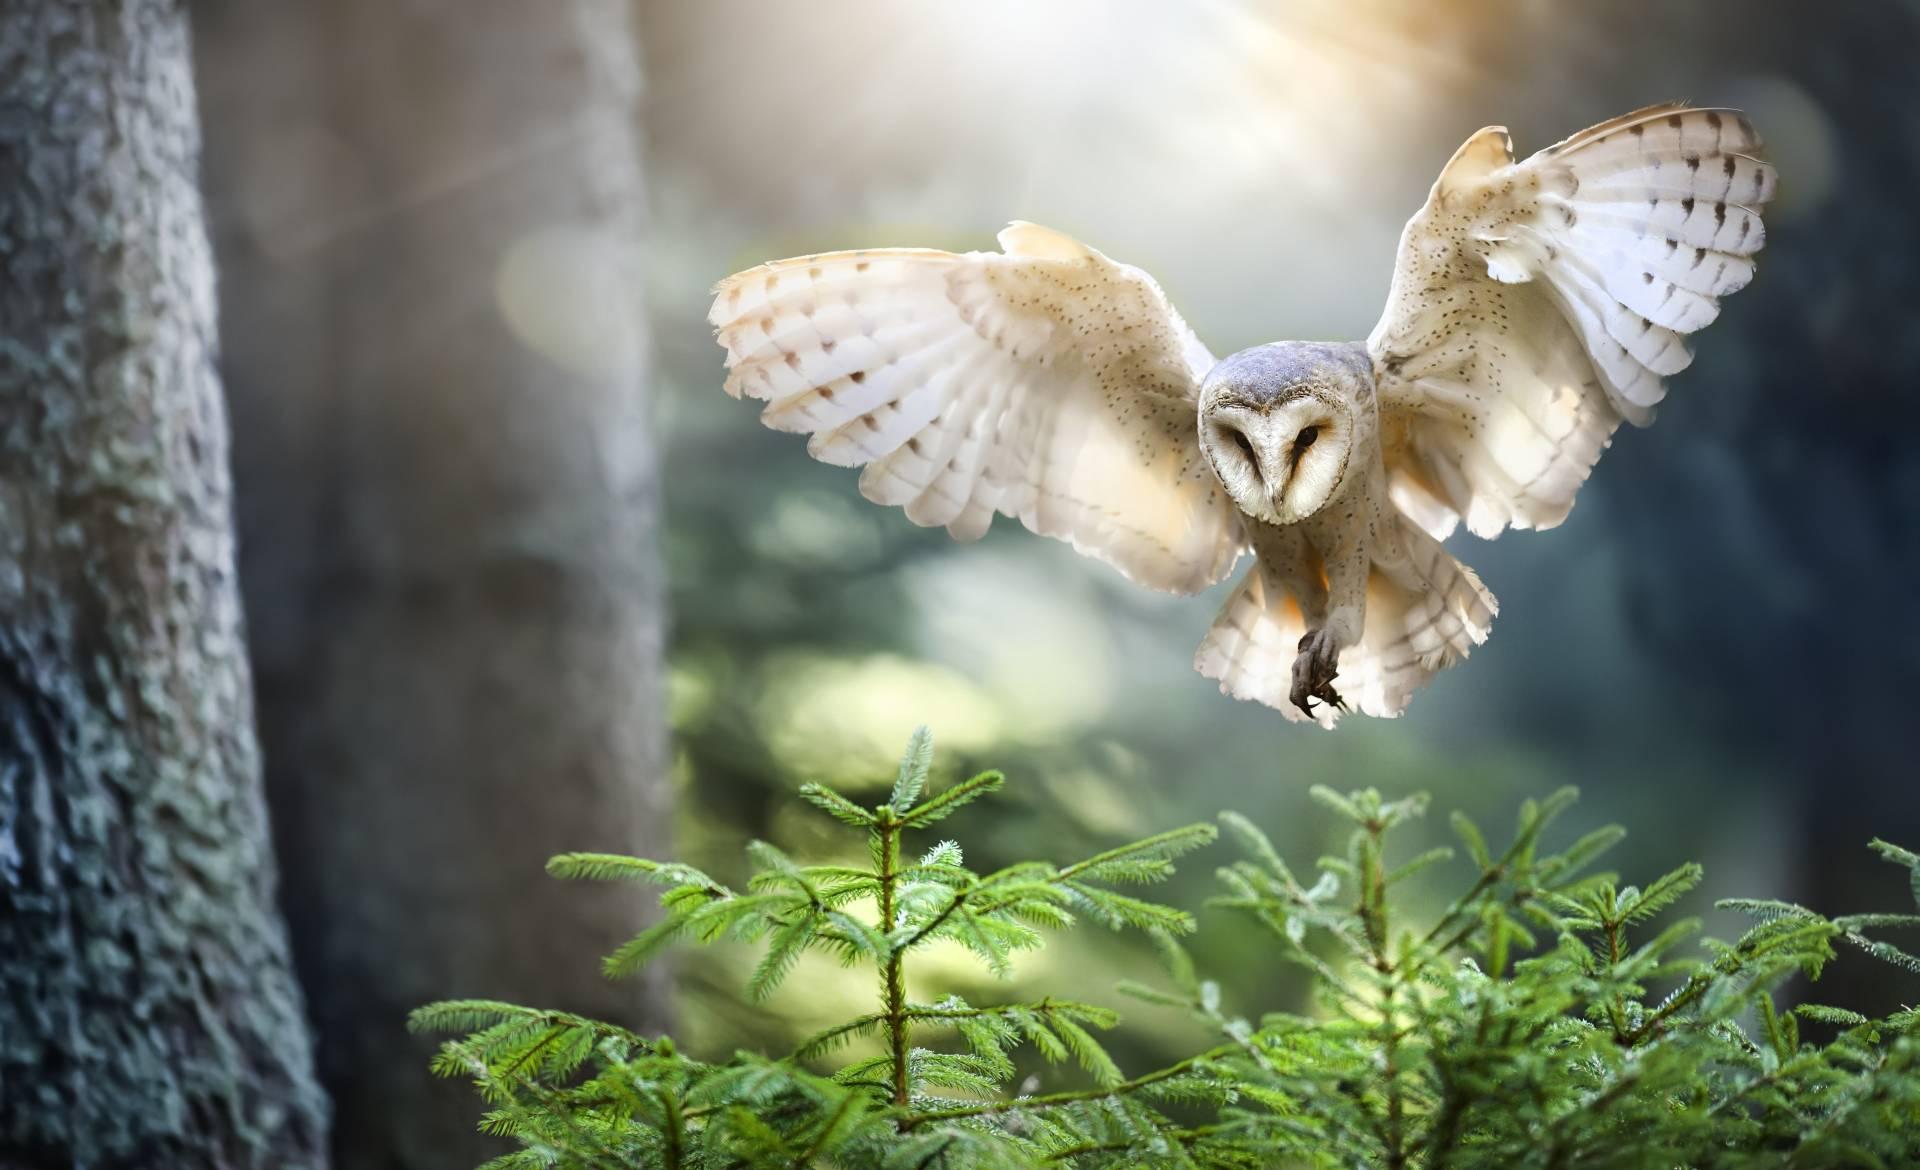 Polująca sowa w lesie z rozpostartymi skrzydłami.